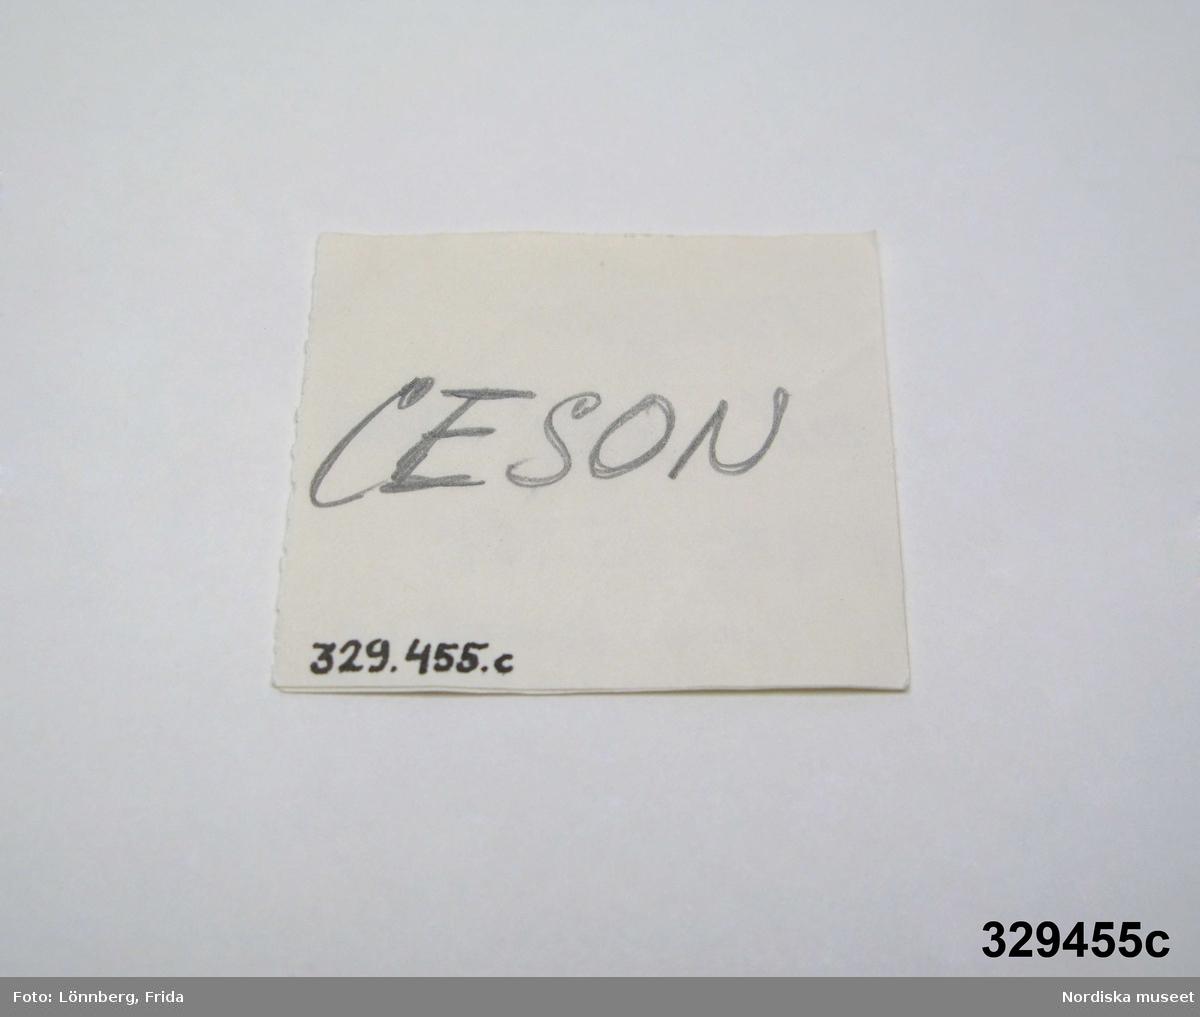 """Två små guldringar och etikett. a) Öppen ring av guldtråd, oval, stämplad """"K & EC - tre kronor - 18 K."""". Längd 0,5 cm. b) Öppen ring, ostämplad. Längd 0,5 cm.  c) Etikett av papper, dubbelvikt. Text på framsidan: """"Provöglor till oval komb K & EC - tre kronor - 18 K  0,8 mm kontroll 1 mm"""", text på baksidan """"CESON"""". Ur ask 329.449a. /2007-03-05 Heidi Henriksson"""